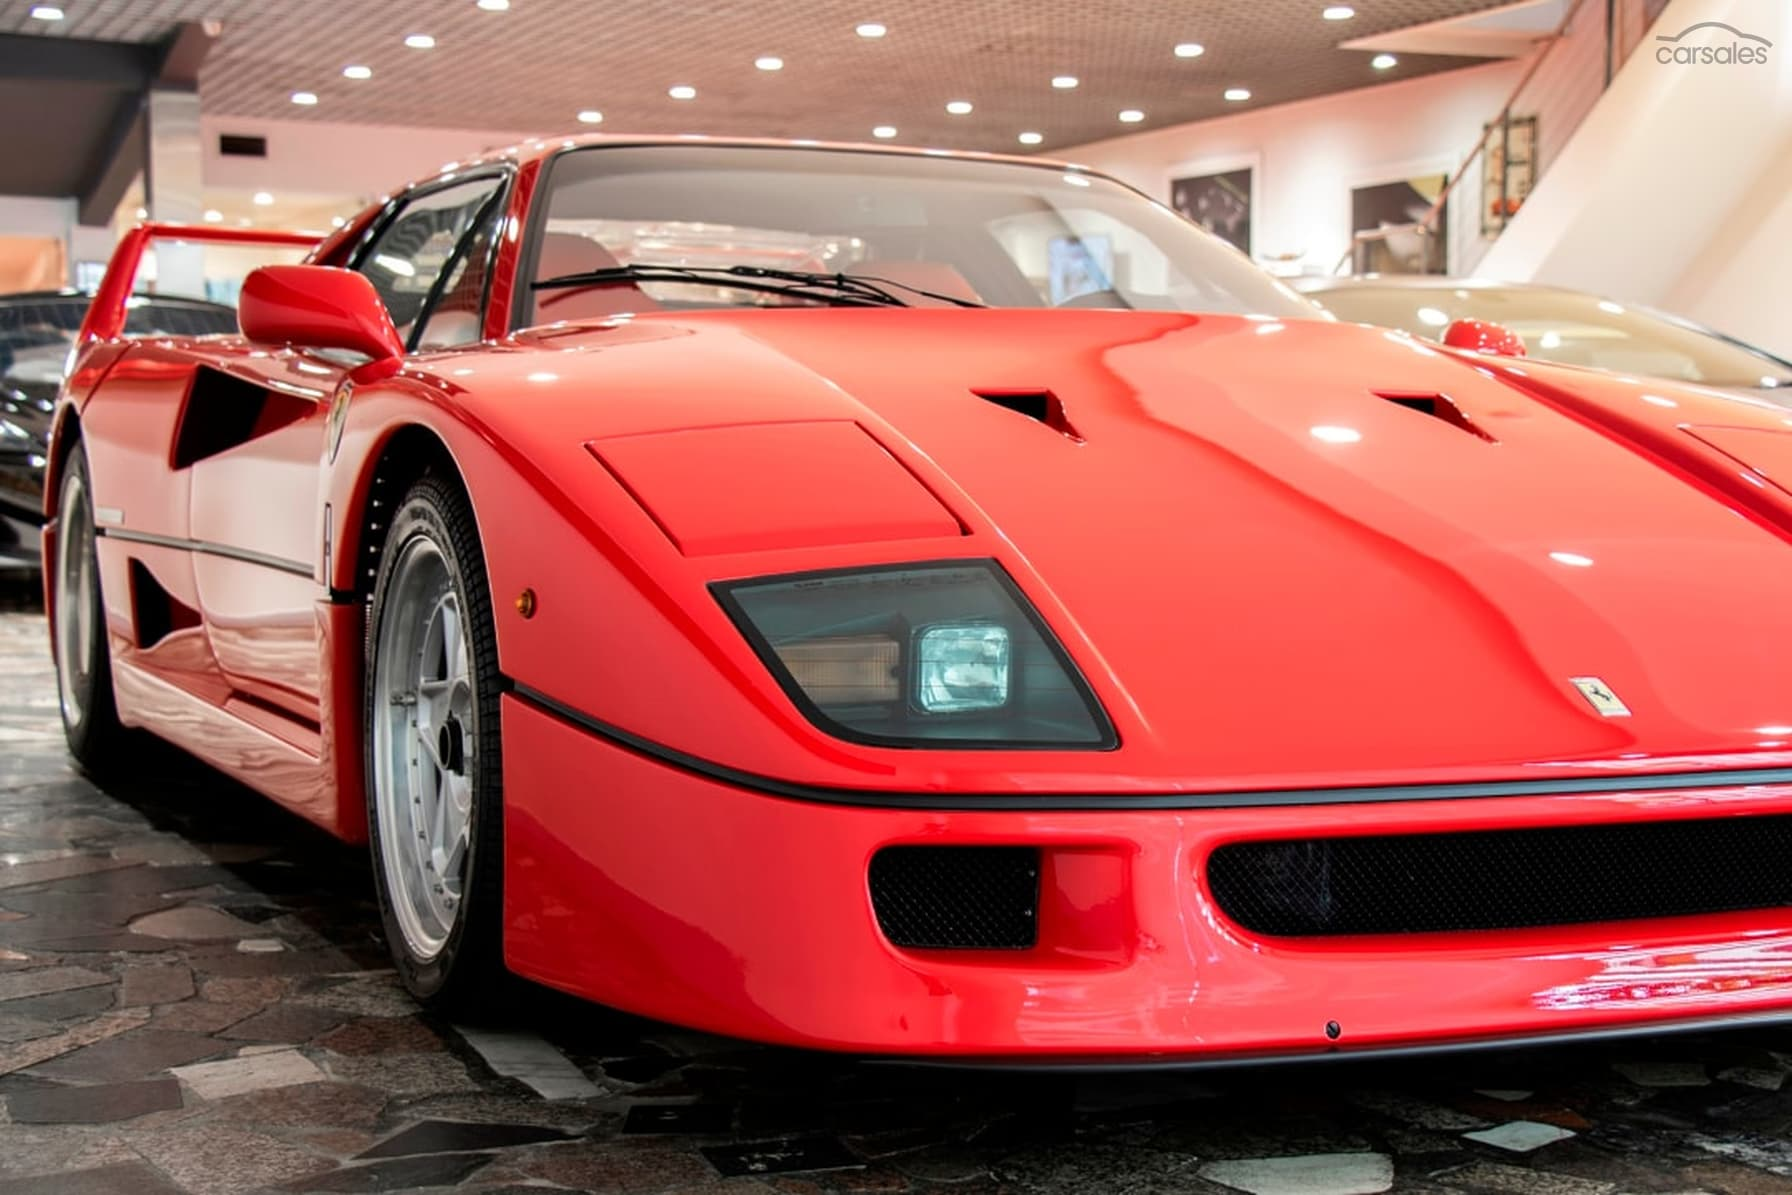 Ferrari F40 con soli 8900 km percorsi è in vendita in ...